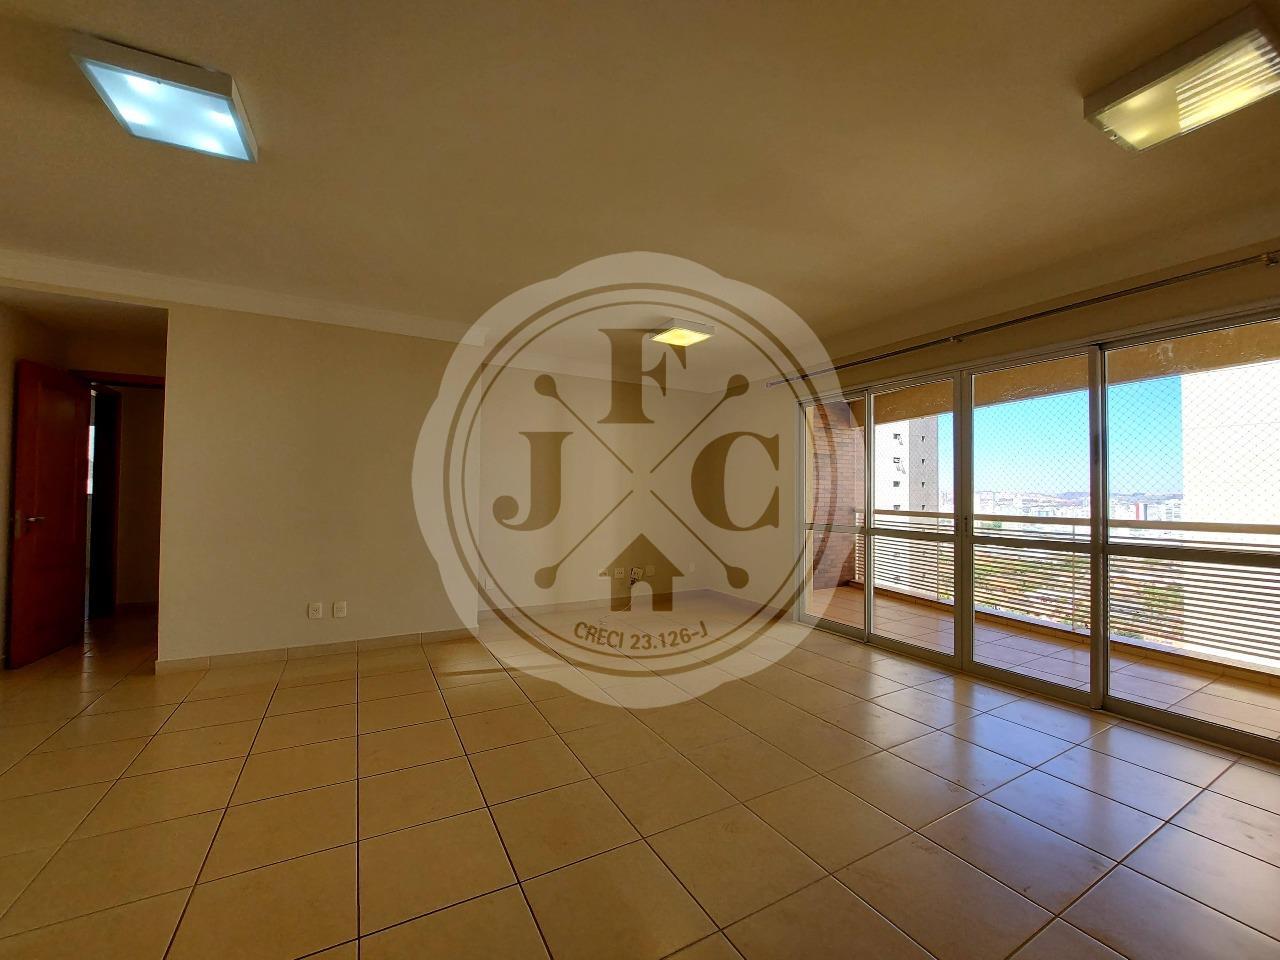 Exclusivo apartamento para locação com 3 suítes na Rua do Professor.